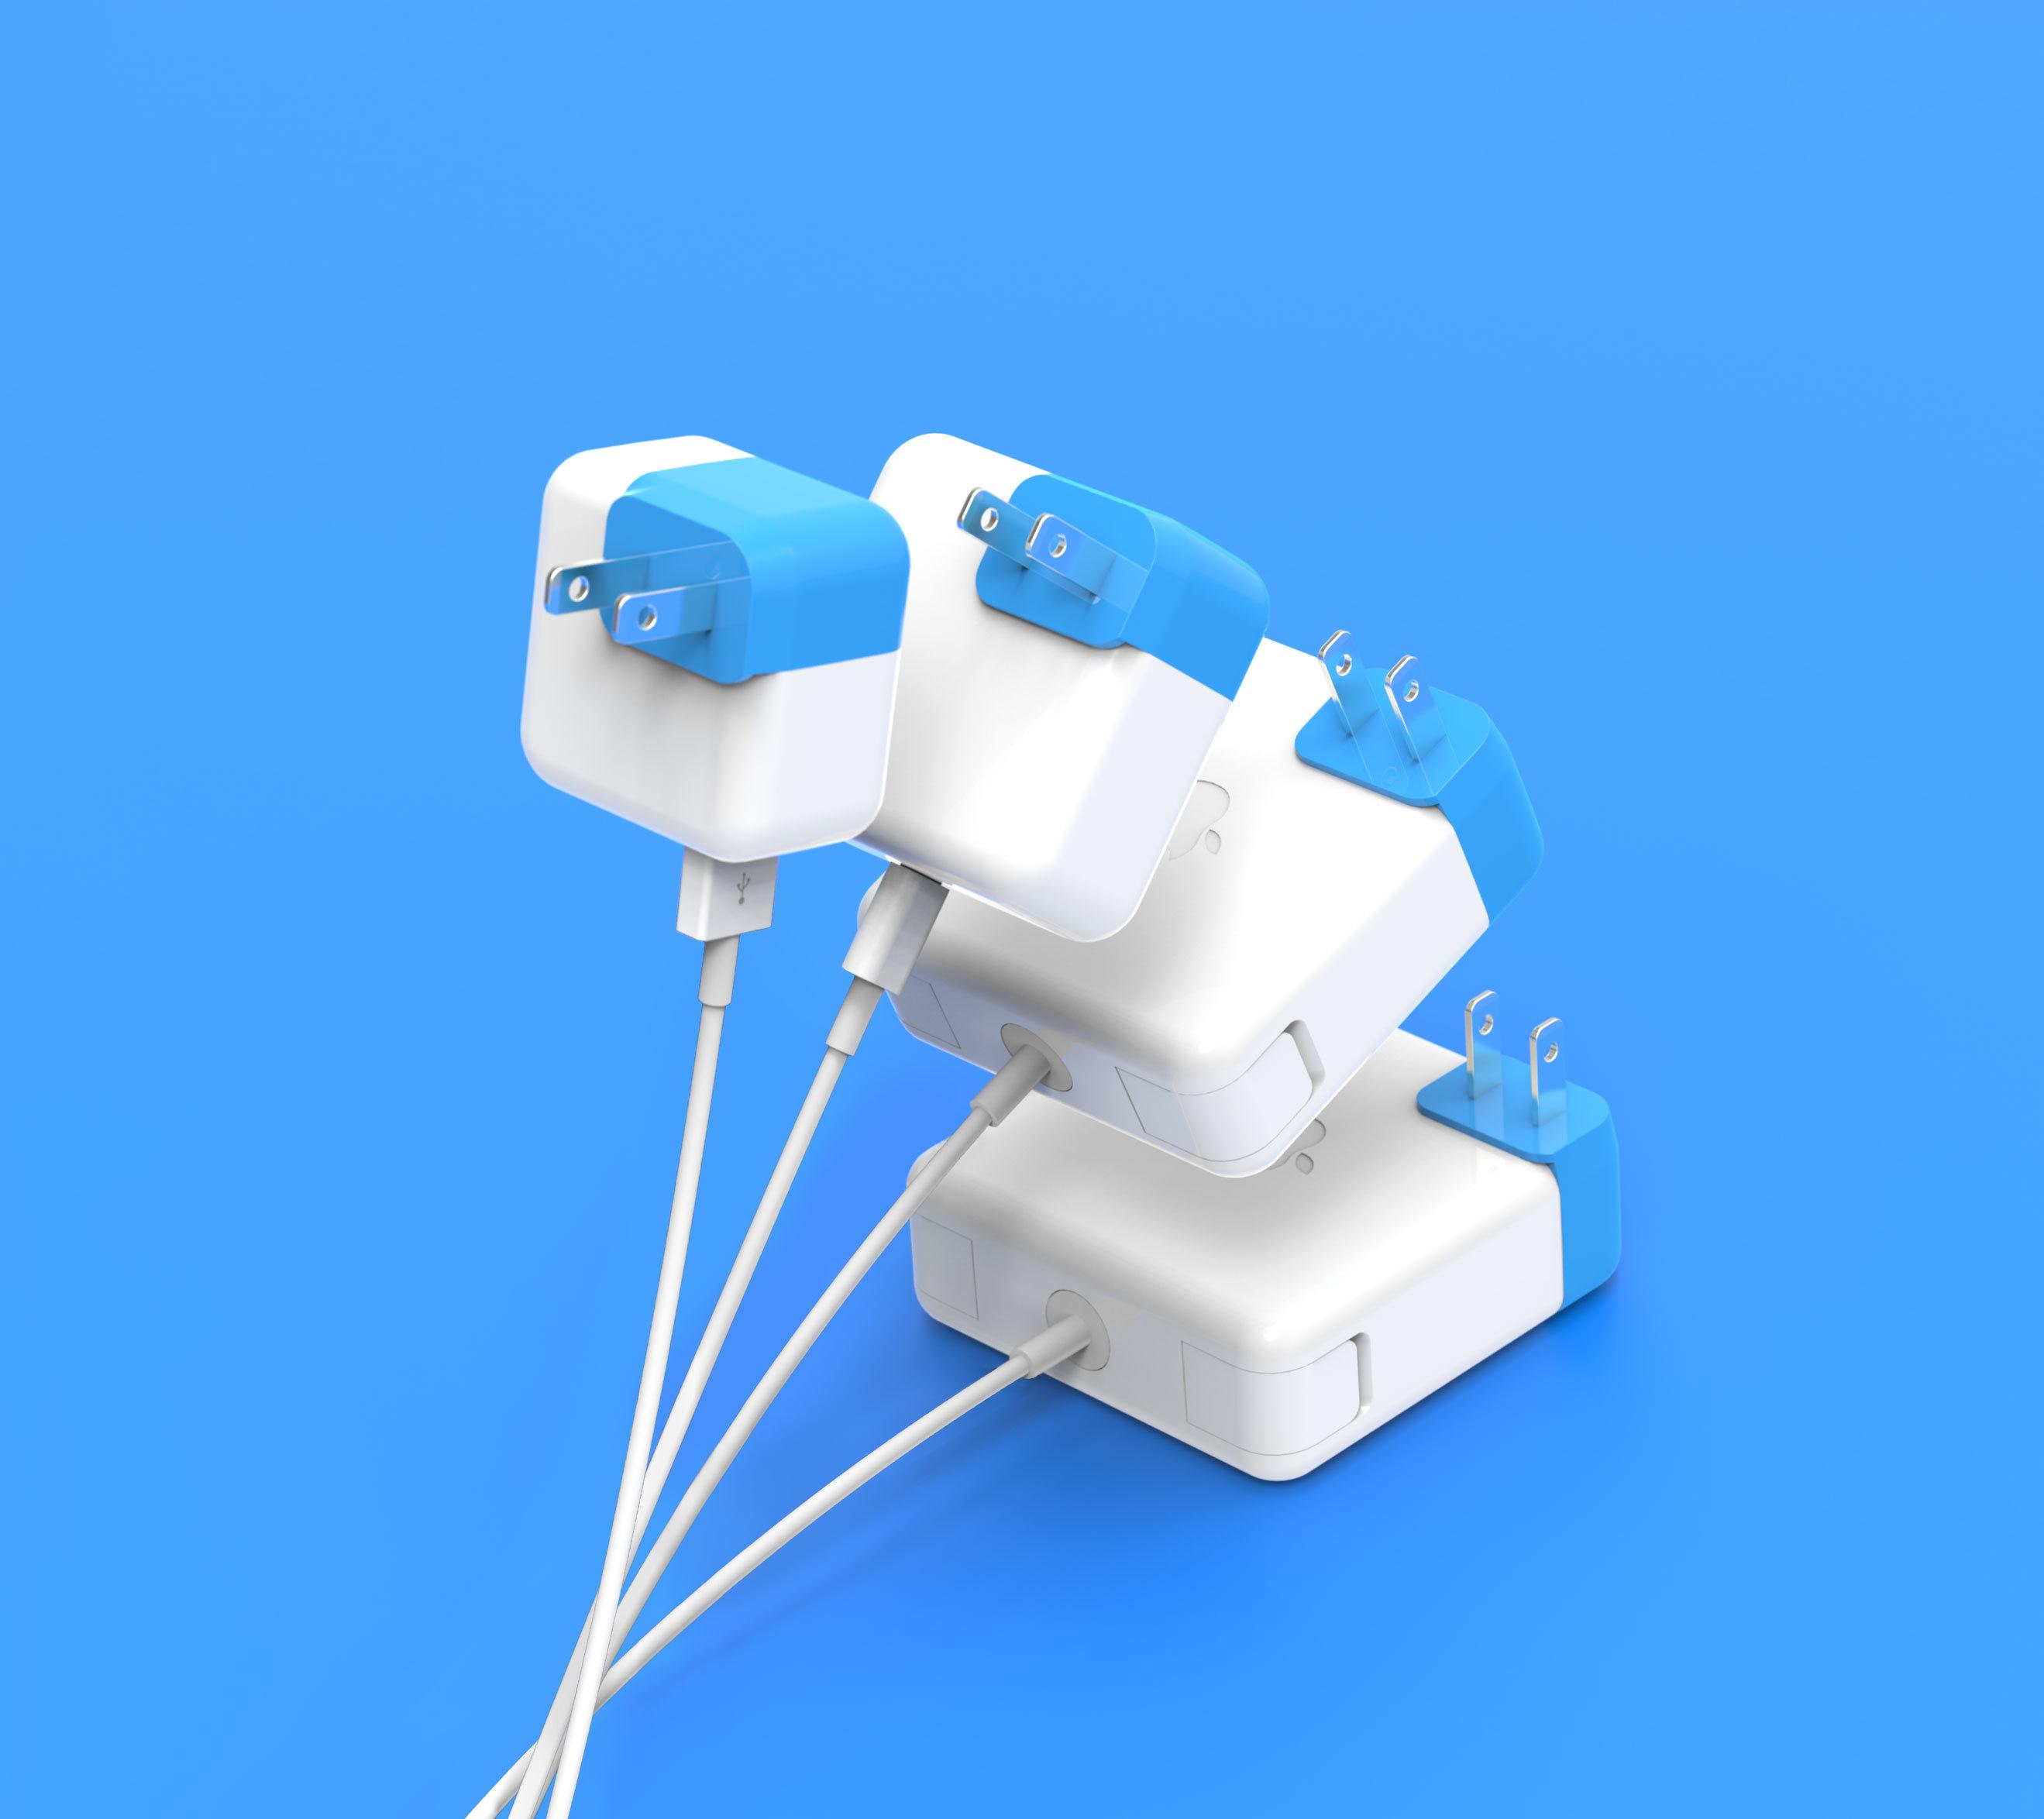 Apple社のパソコンMacの充電器をもっと便利に使うガジェットBlockhead_4